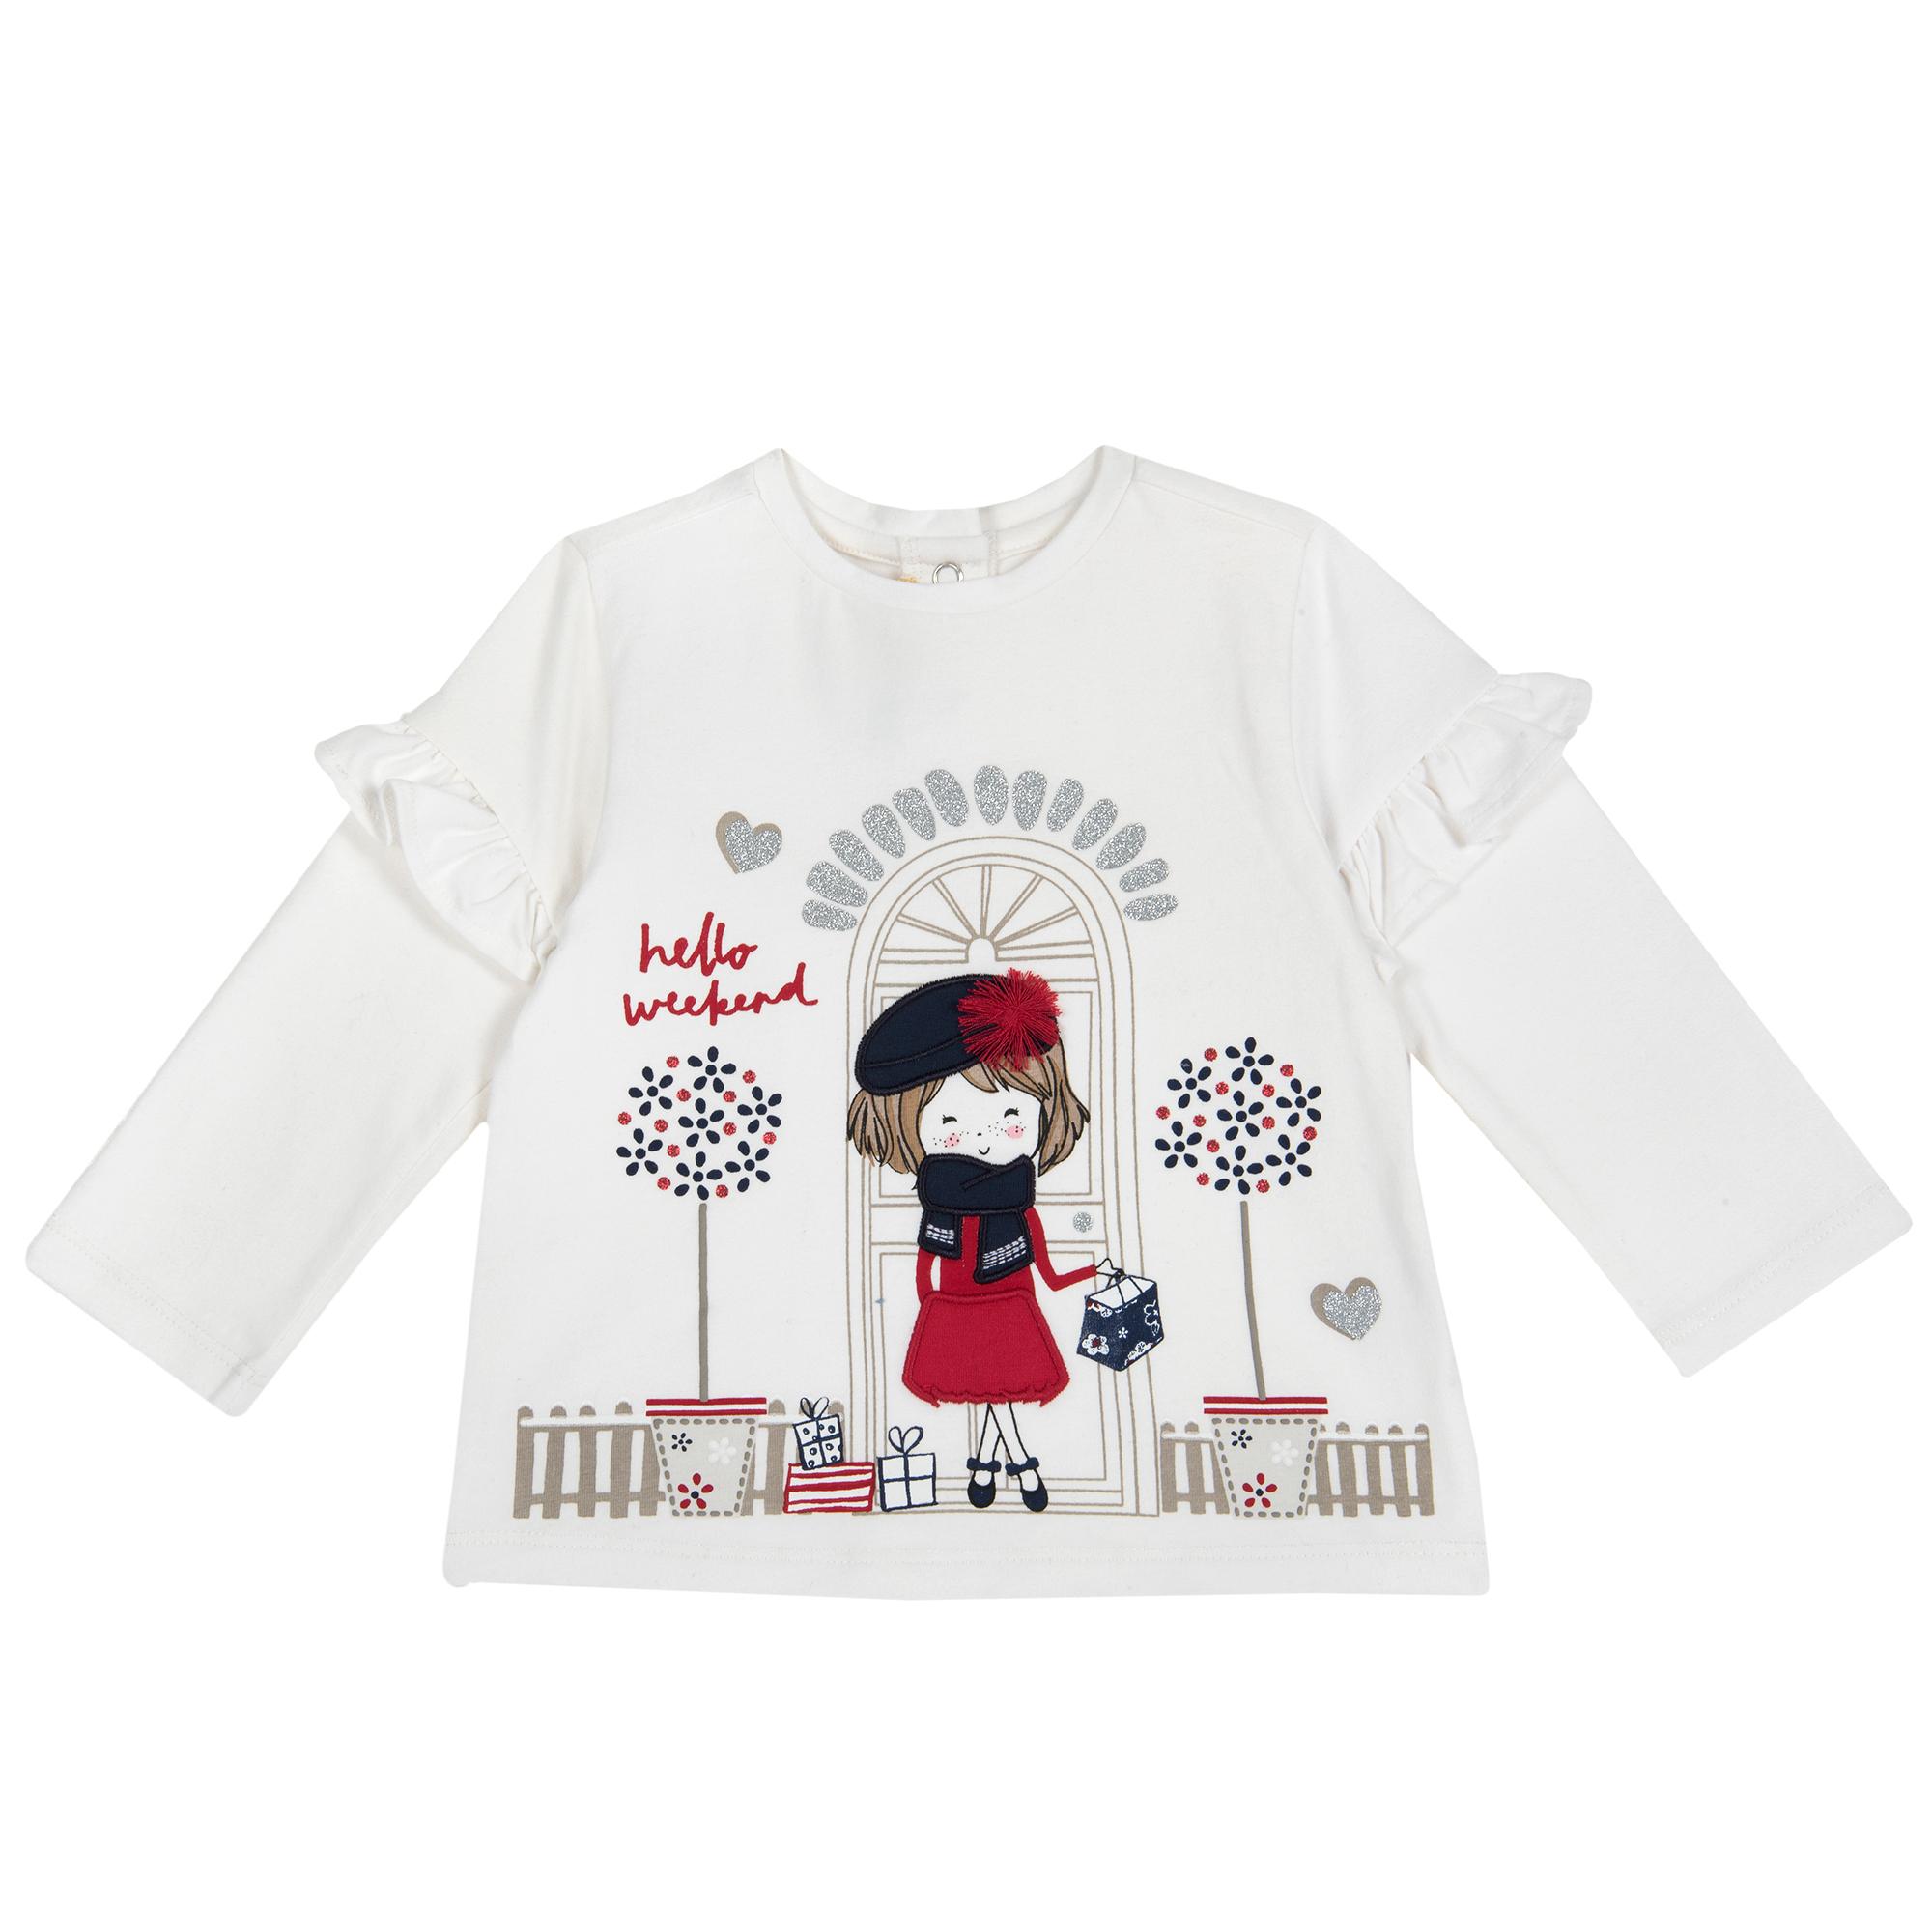 Tricou maneca lunga Chicco, alb, 06801 din categoria Tricouri copii